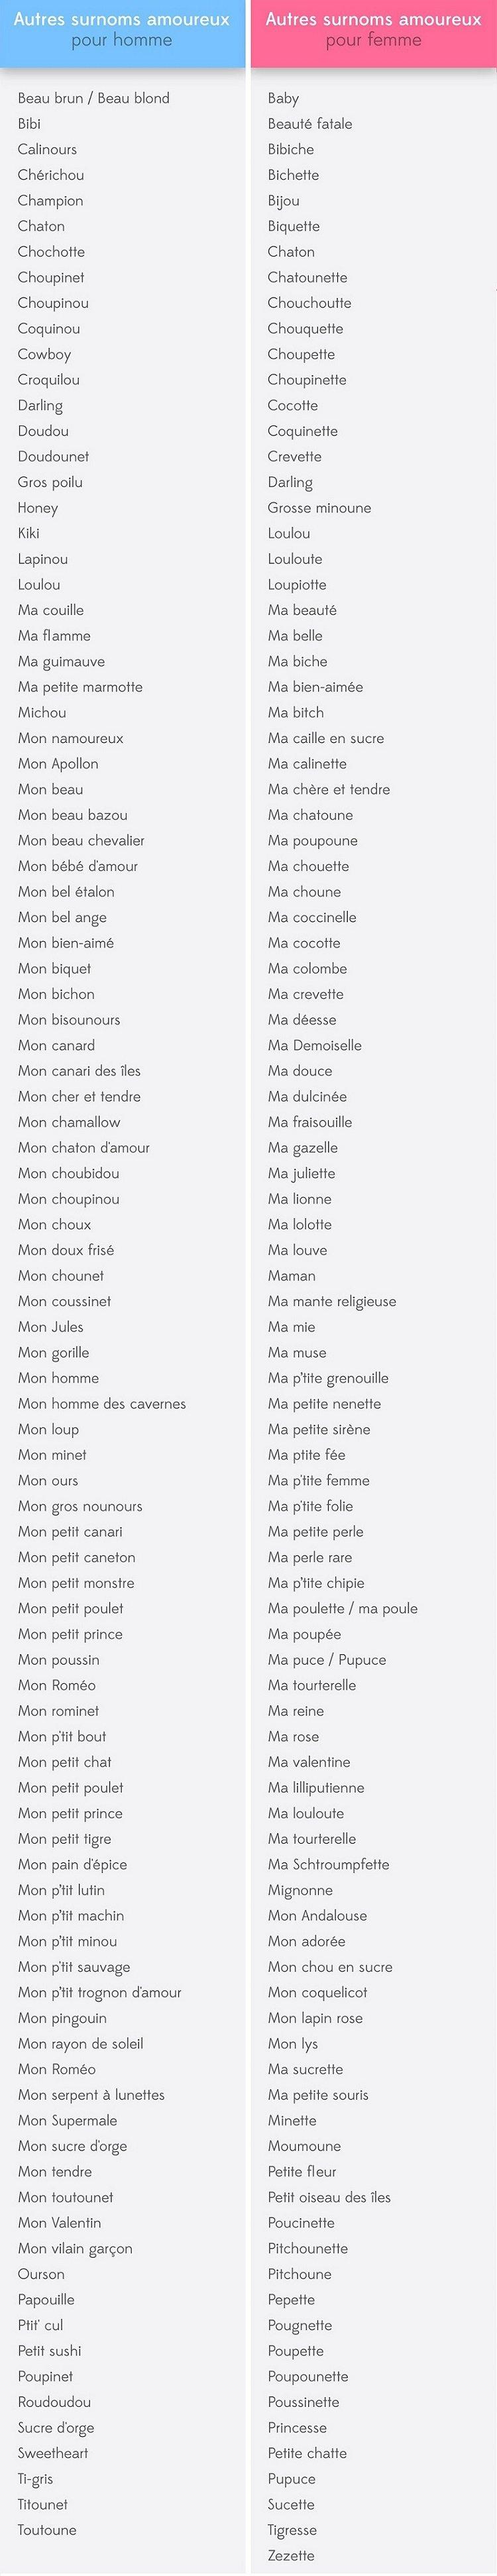 Les surnom d amour pour femme [PUNIQRANDLINE-(au-dating-names.txt) 63